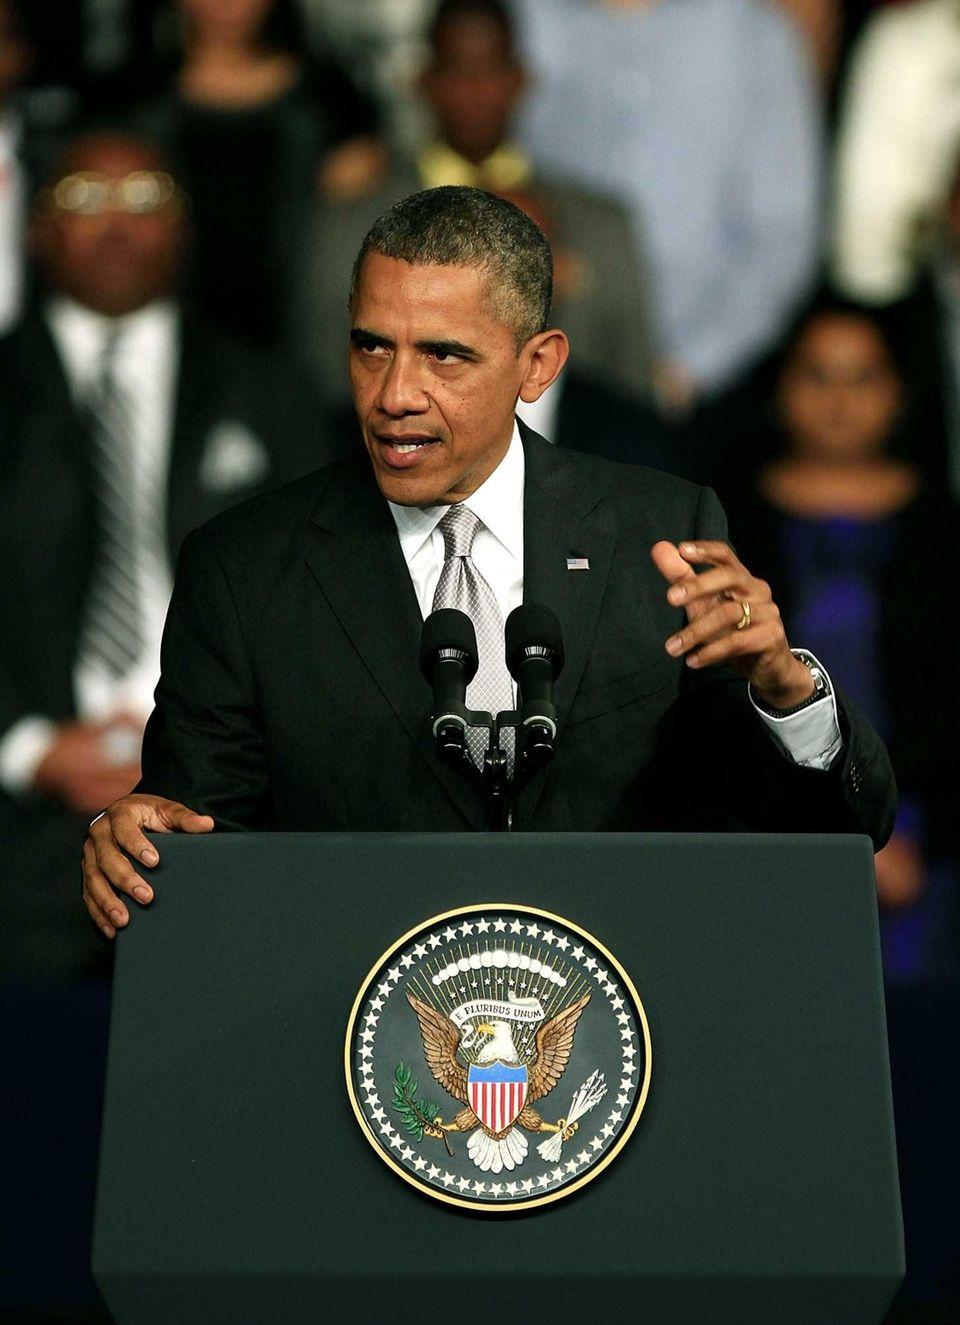 2008: Barack Obama